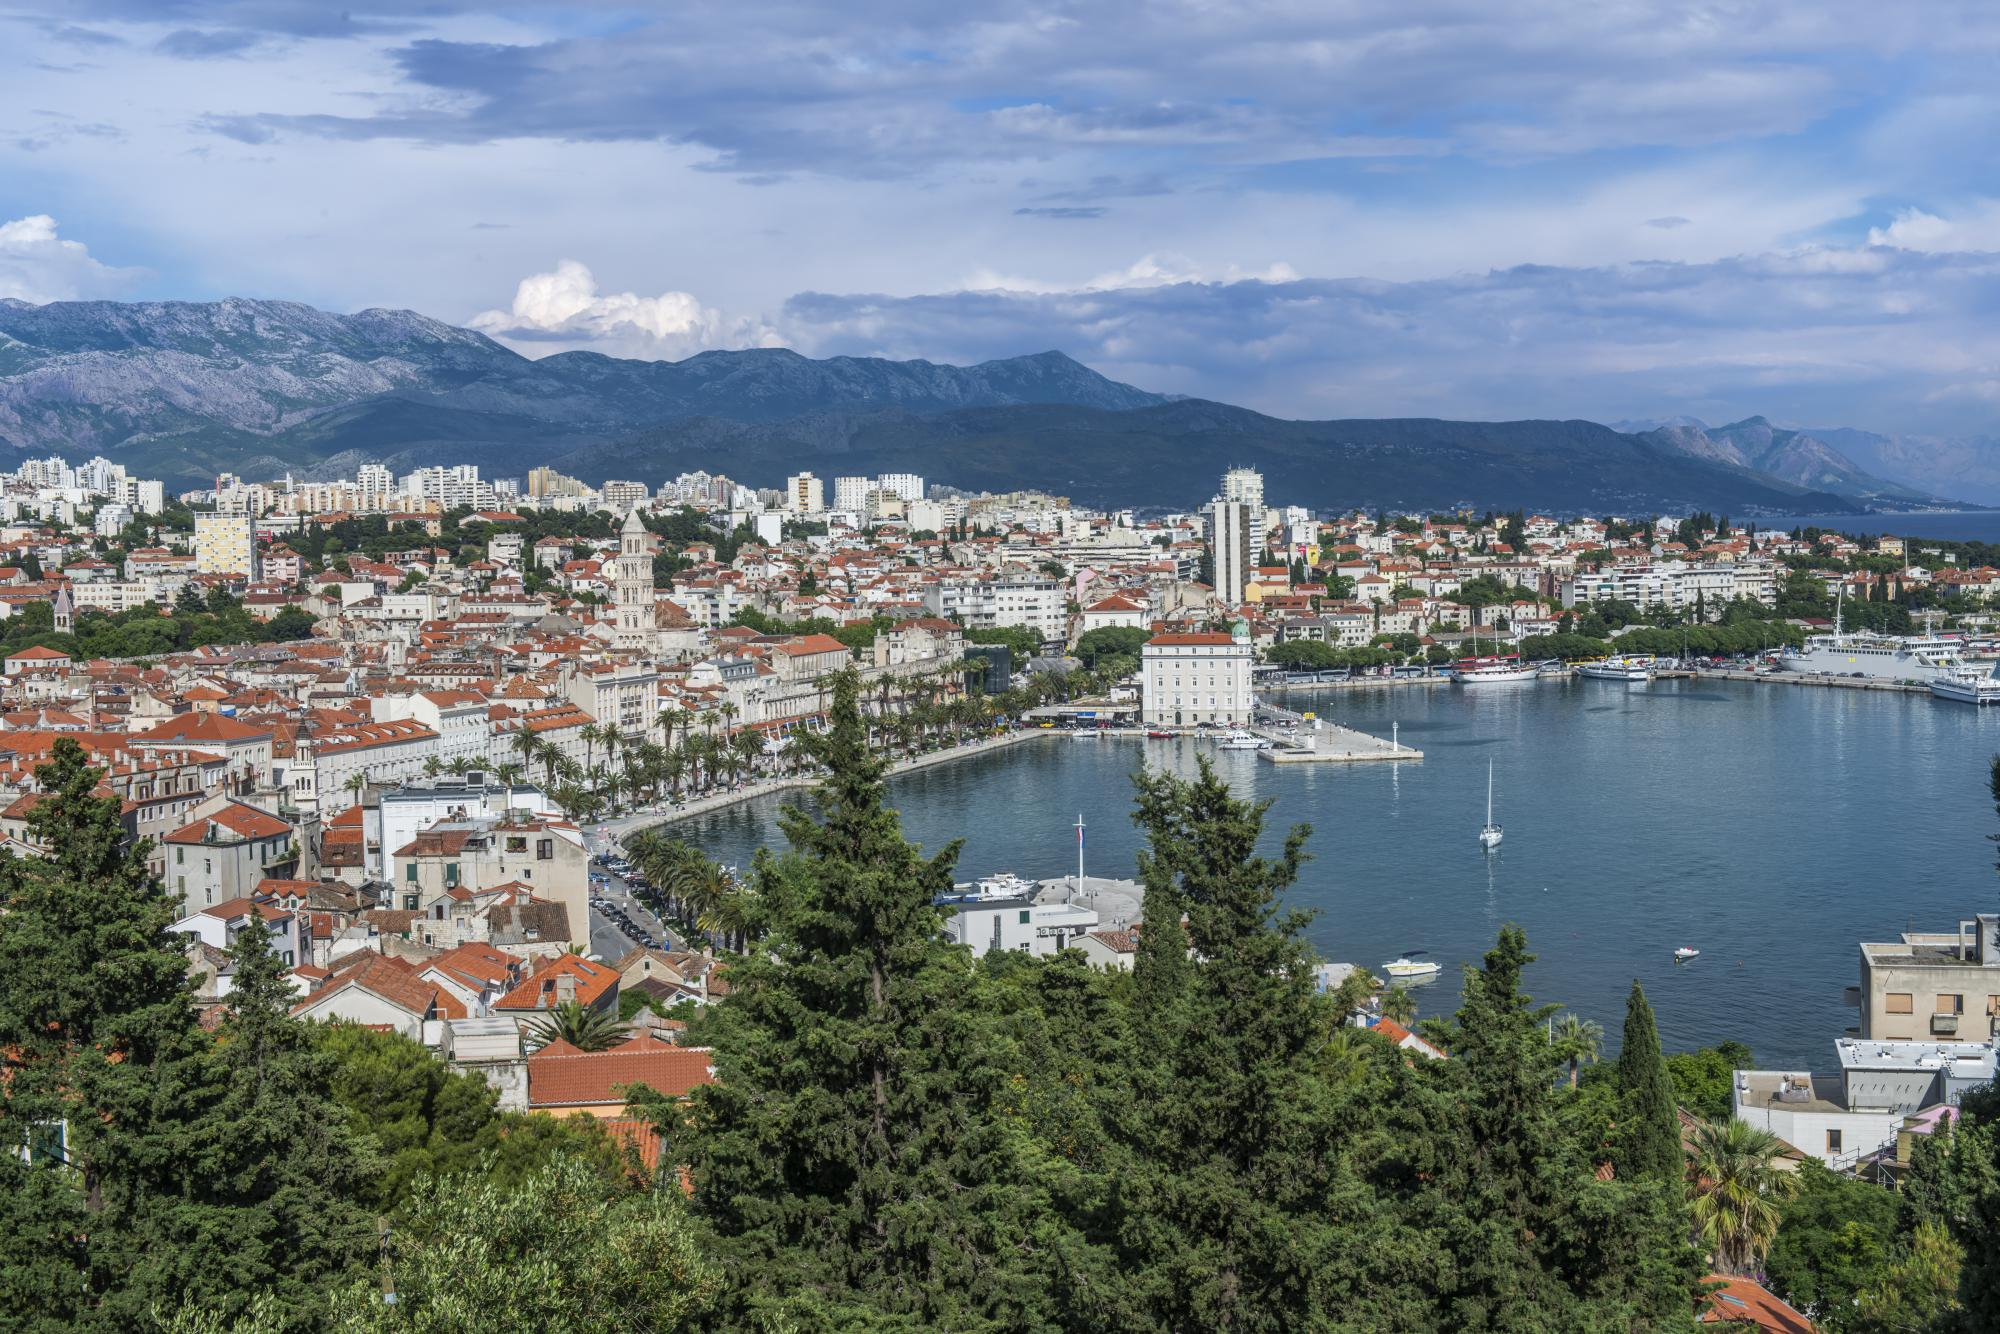 Хорватия планирует заключить налоговое соглашение с США